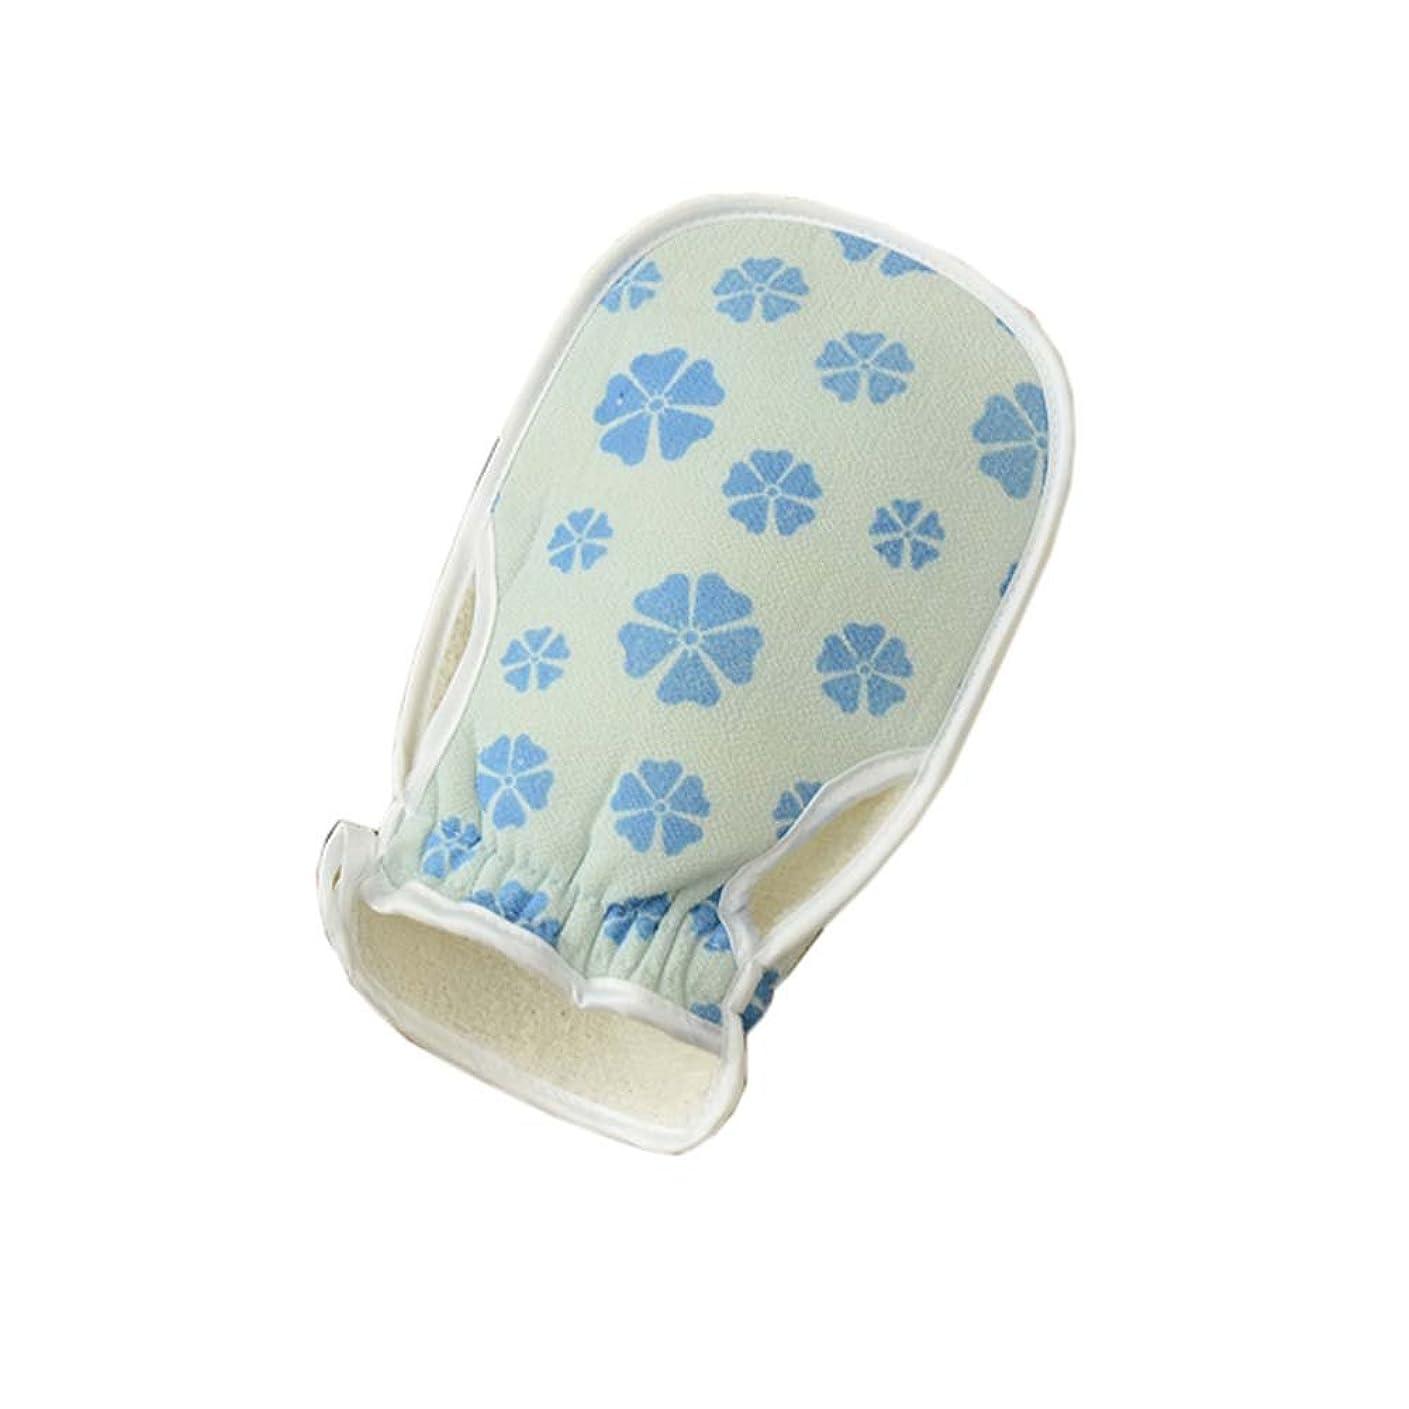 ビリー王族血スタイリッシュな入浴用品バストミットタオルボディウォッシュエクスフォリエイティンググローブ、#06